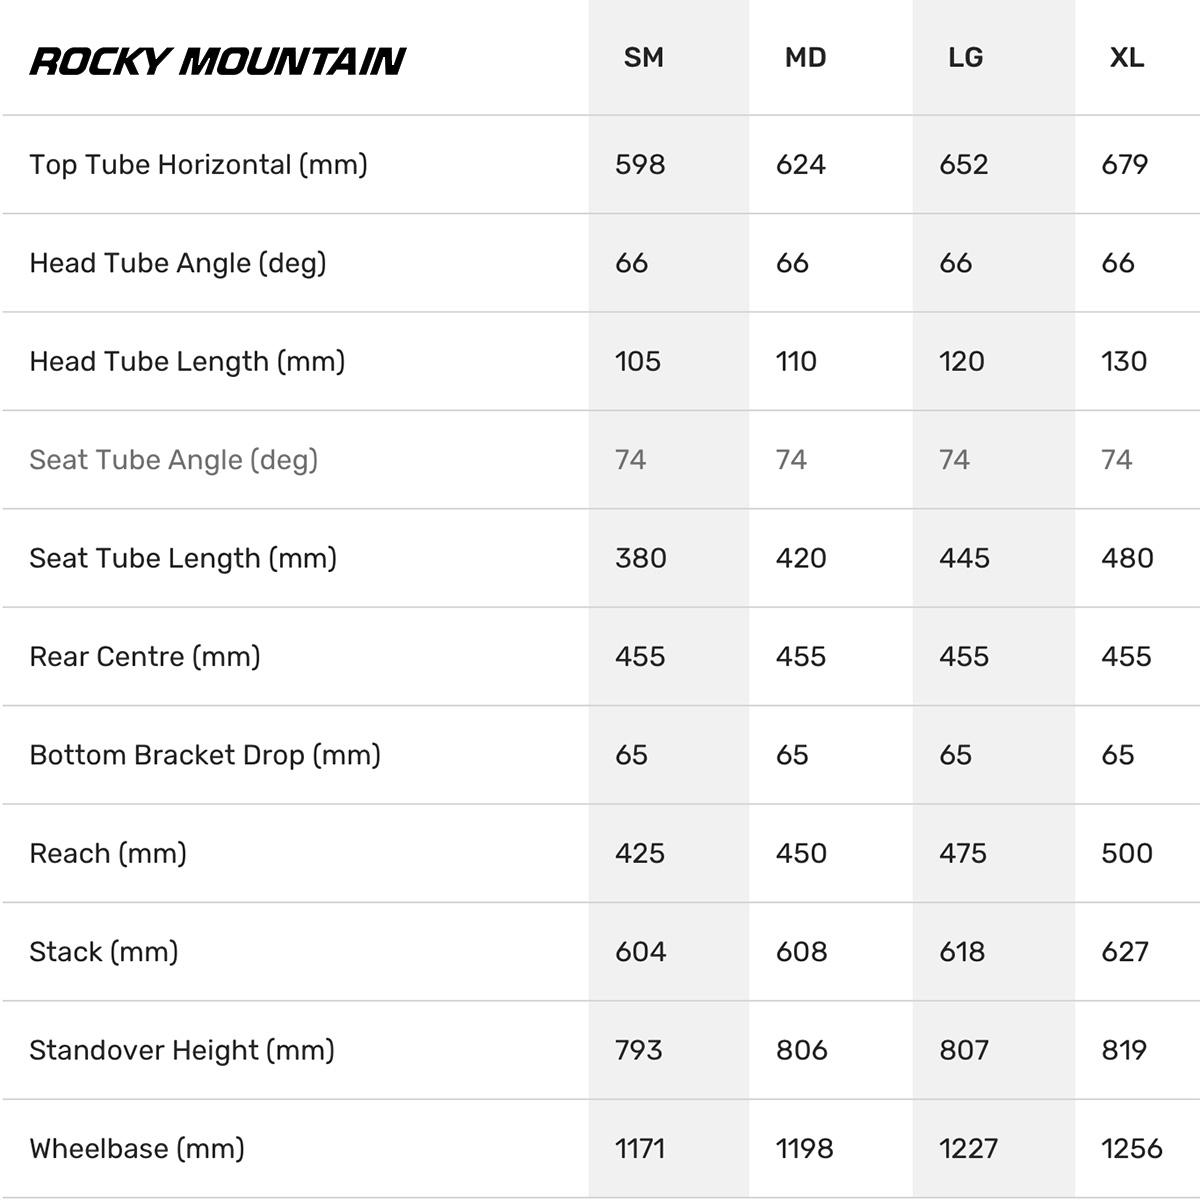 La tabella con le geometrie delle nuove moutnainbike Rocky Mountain Blizzard Carbon 2022